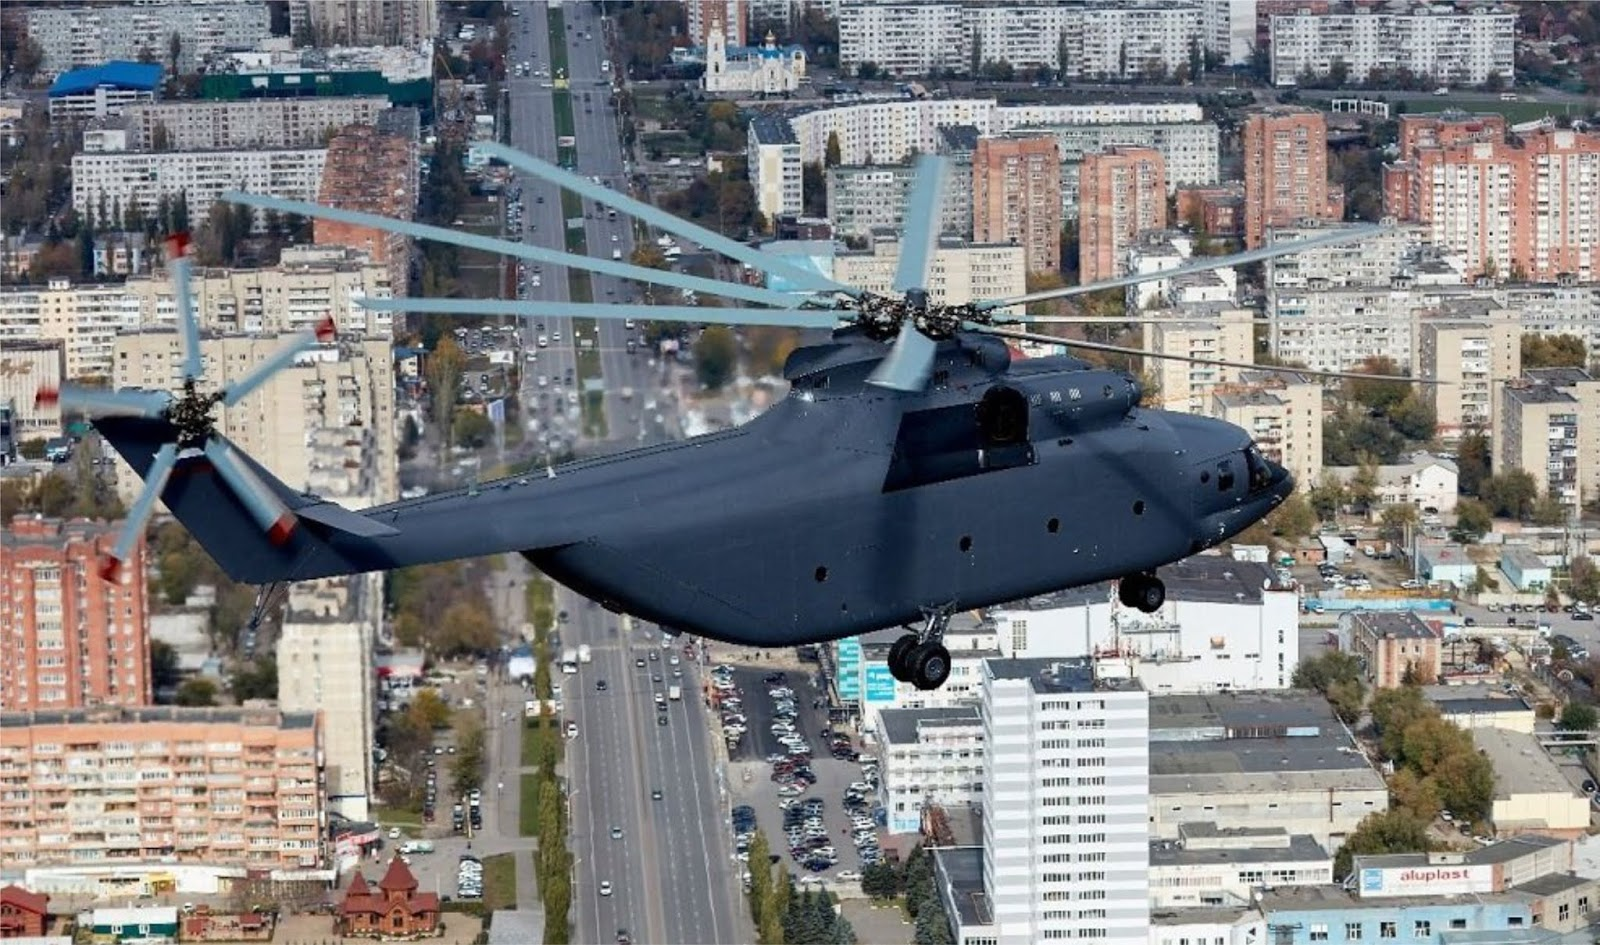 Helikopter terberat di dunia versi baru akan ditampilkan di Army-2018